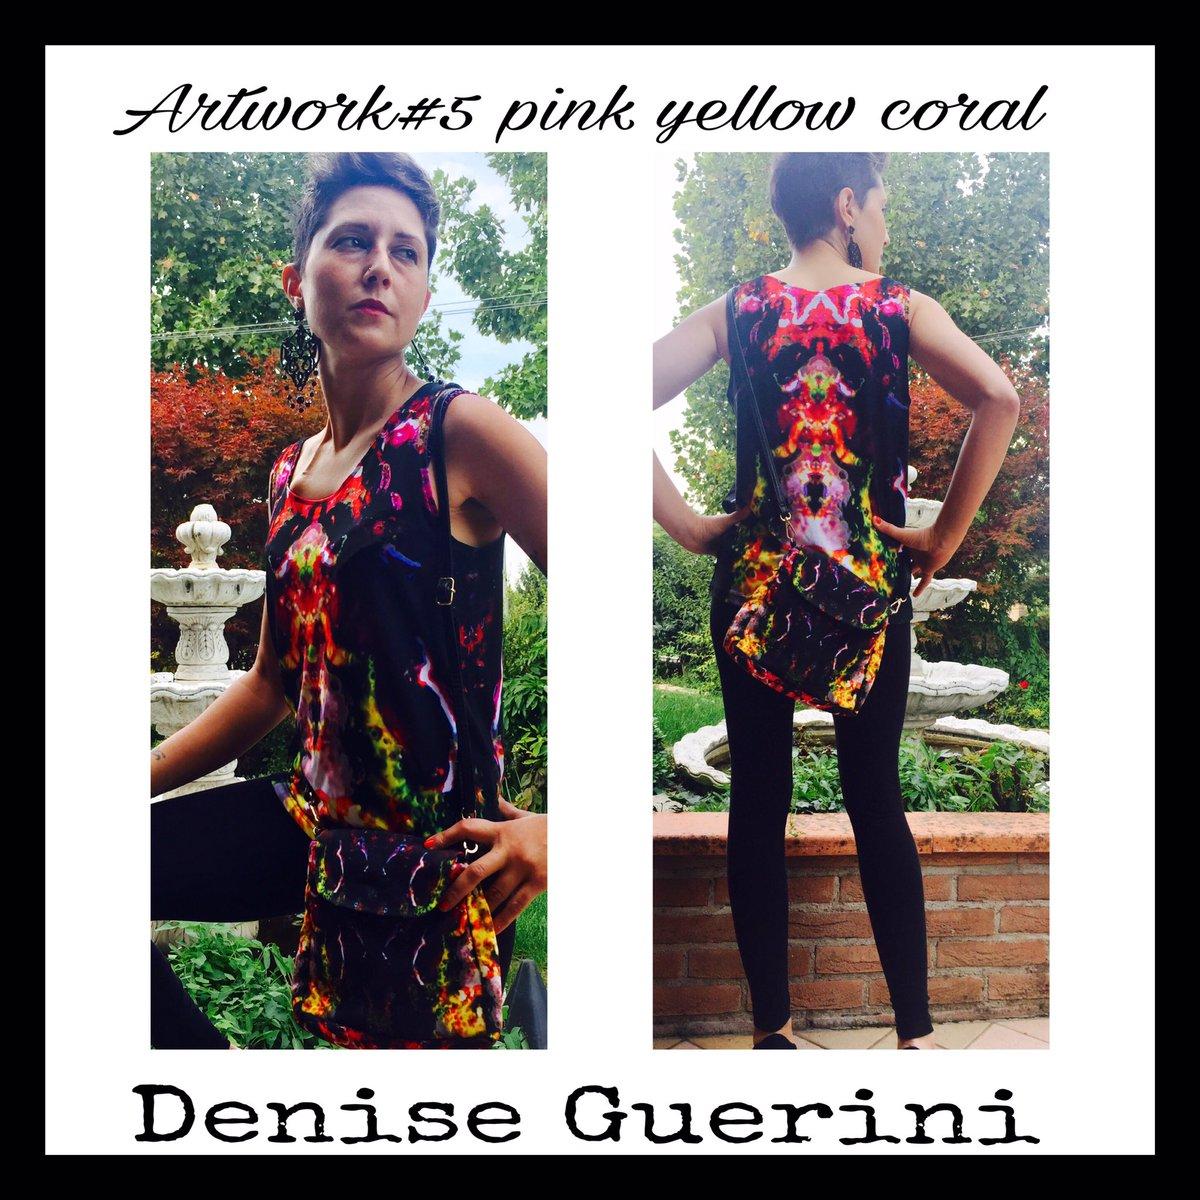 Denise Guerini